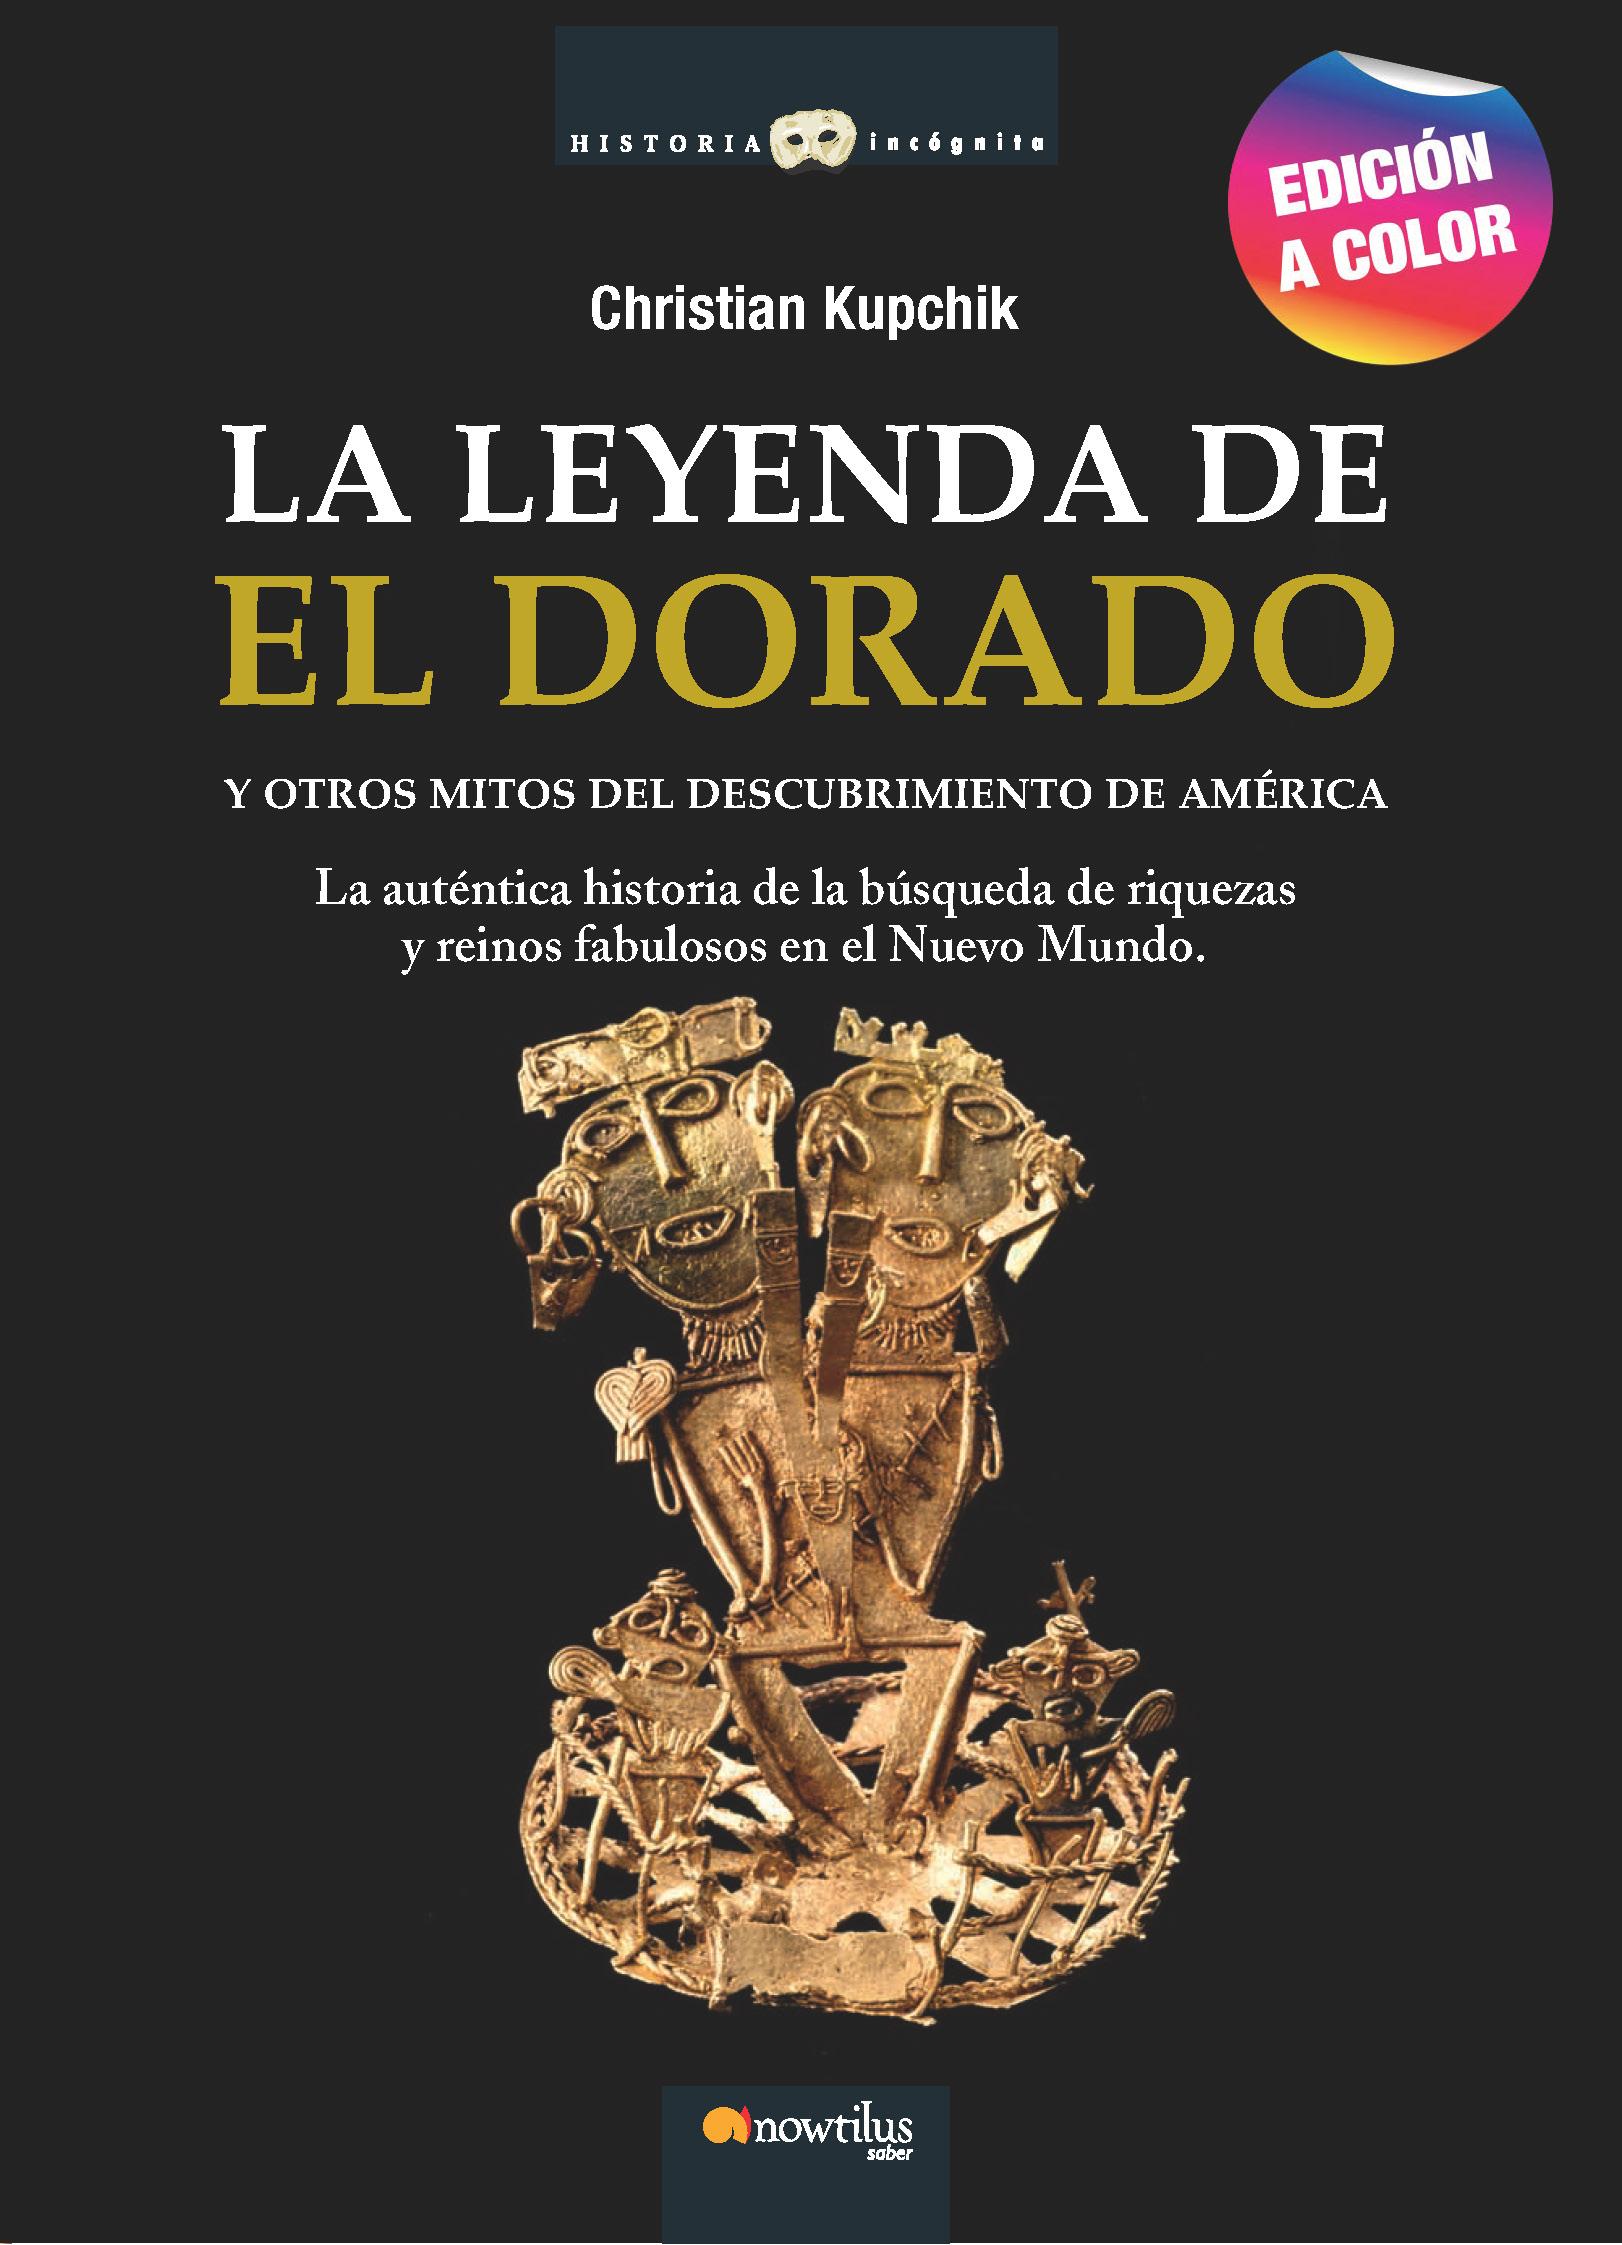 LA LEYENDA DE EL DORADO